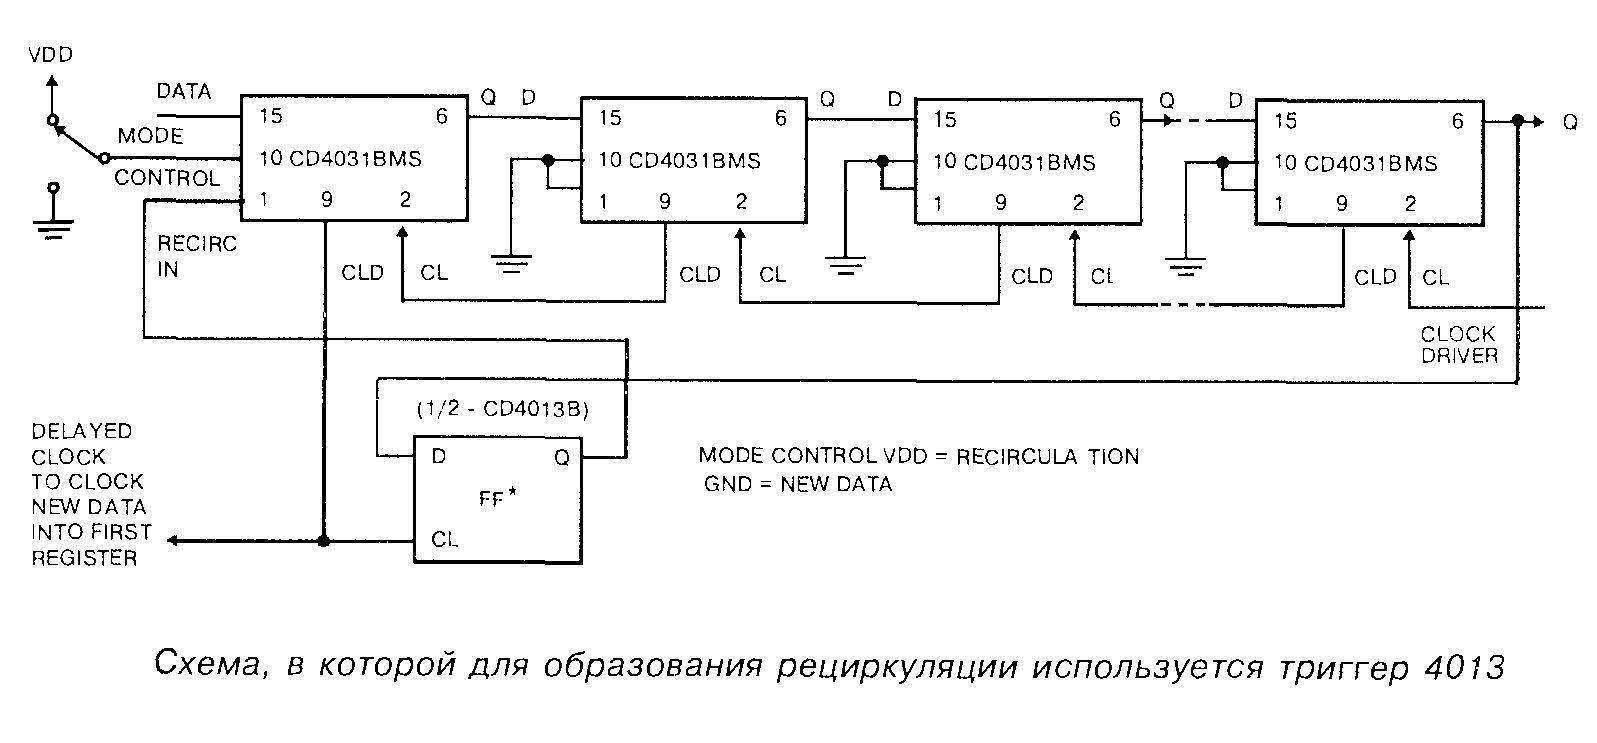 Схема, в которой для образования рециркуляции используется триггер 4013